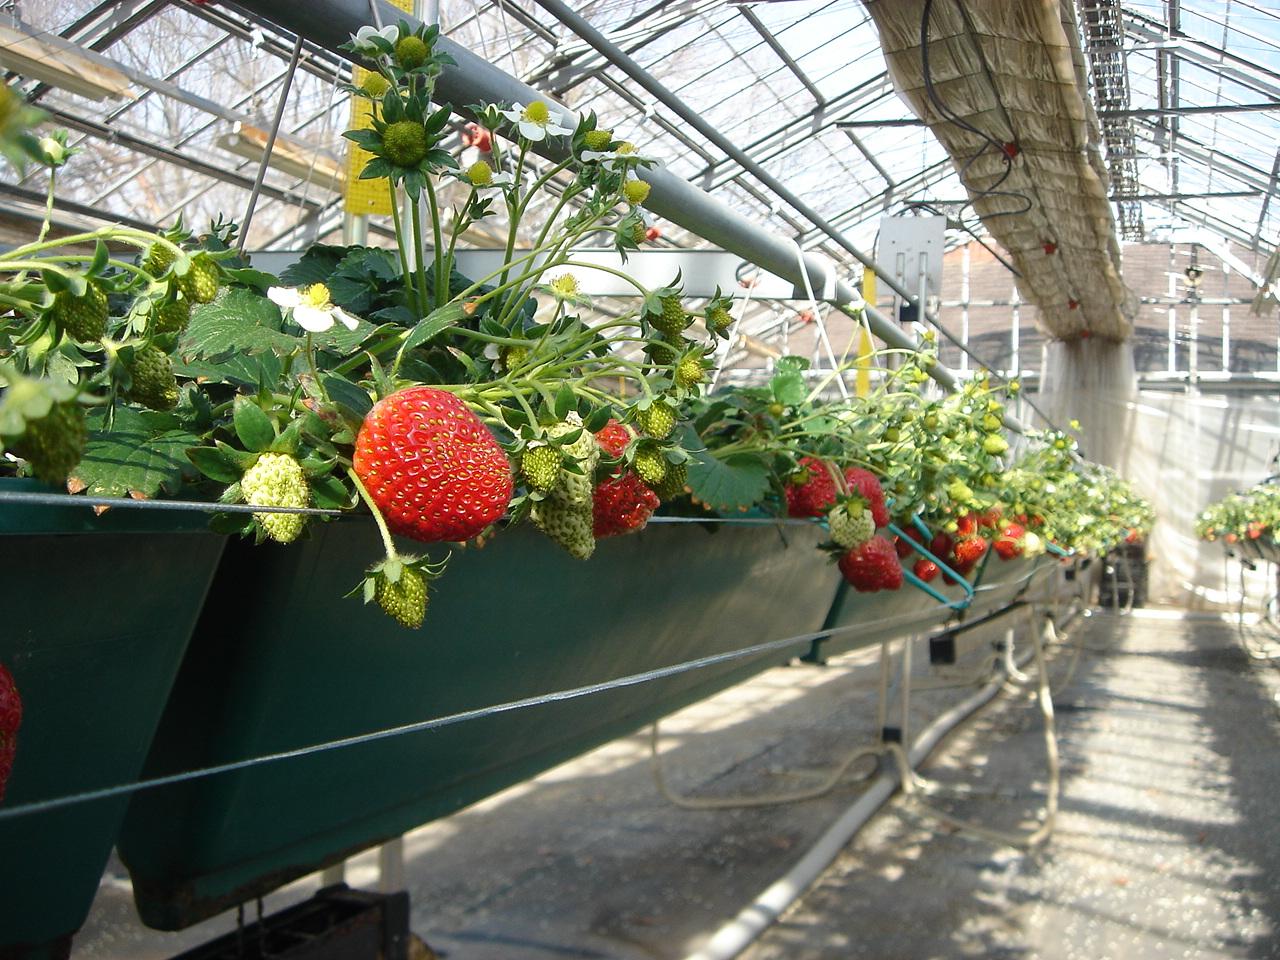 3月11日(土)にイチゴの収穫体験を開催します